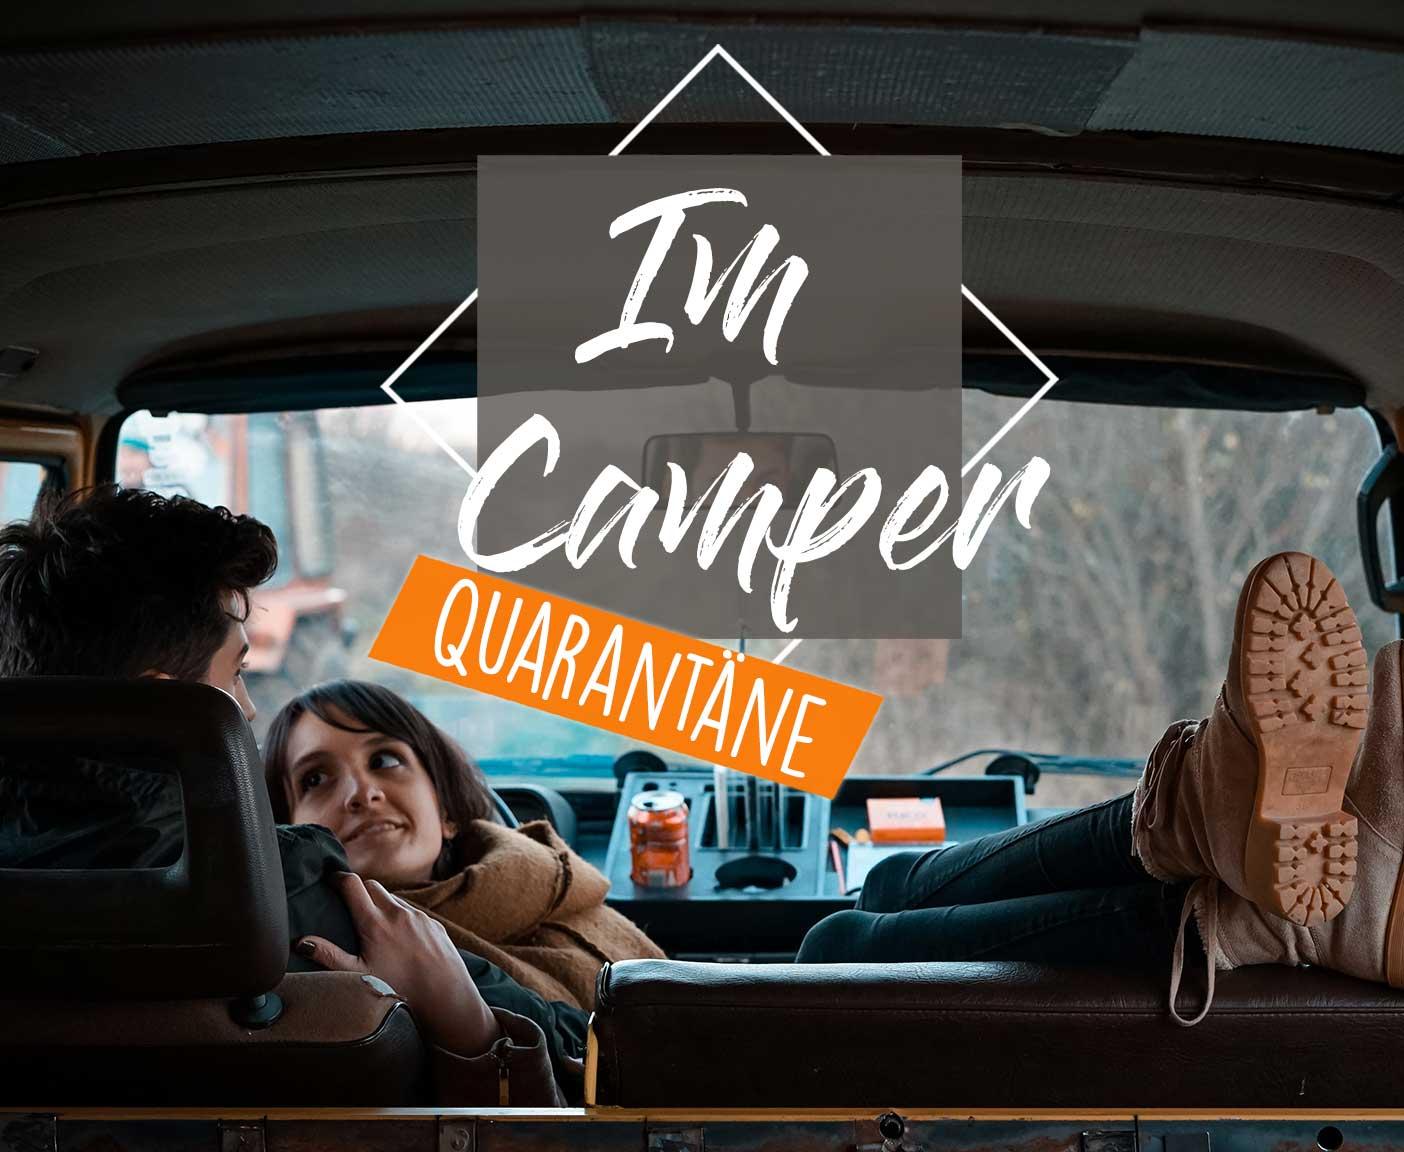 quarantane-im-camper-wohnmobil-corona-kontakt-artikel-deutschland-reise-kommen-geht